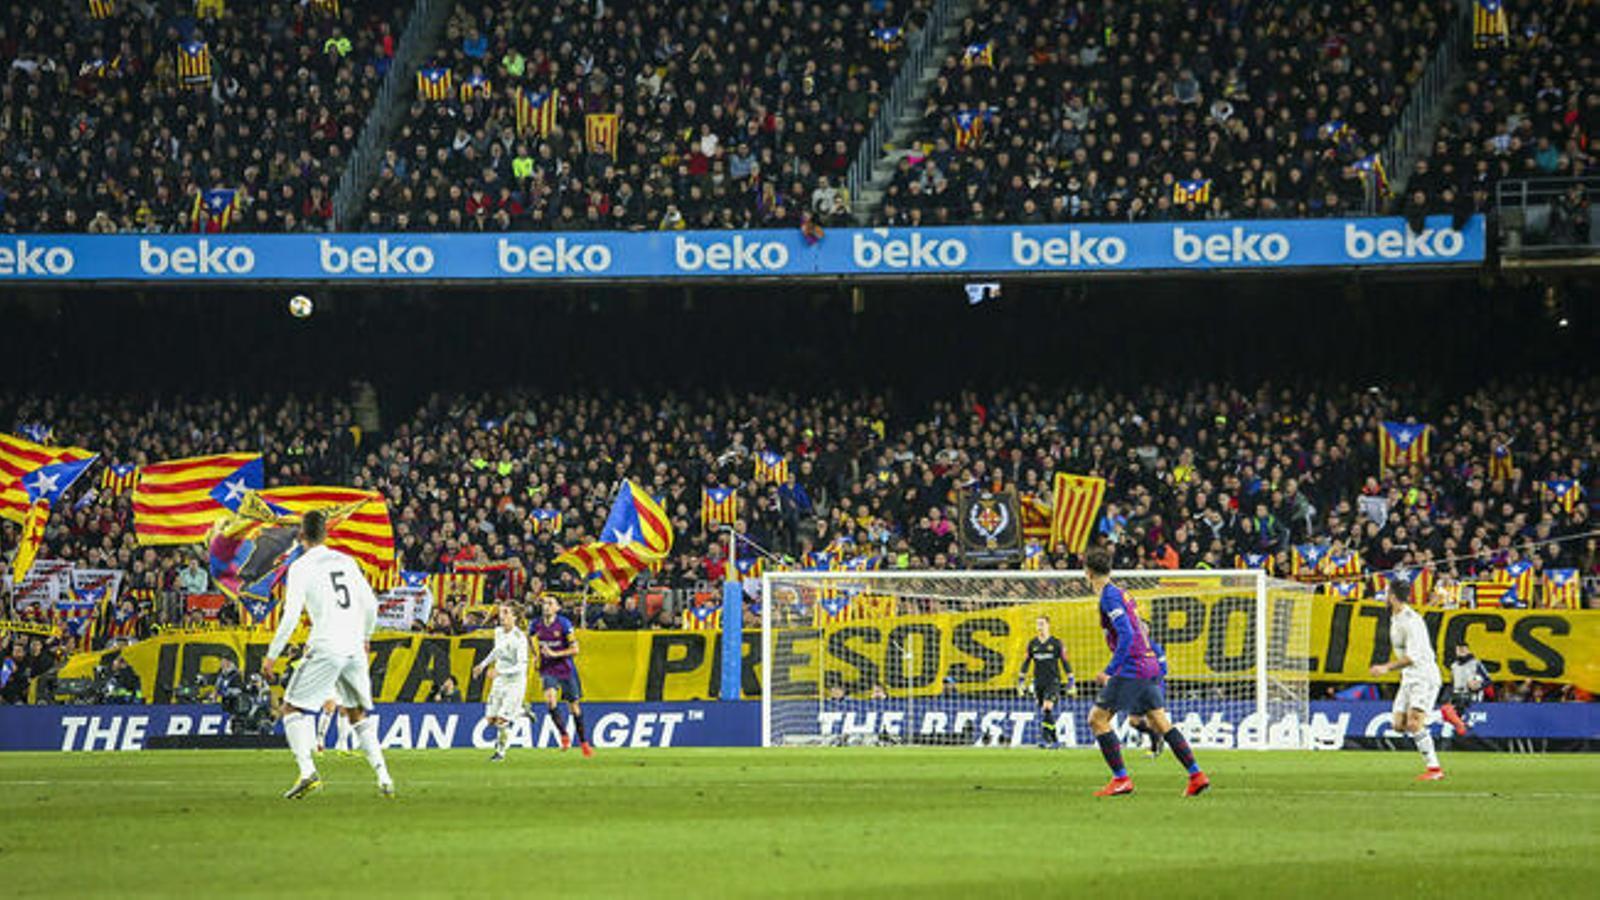 El Comitè de Competició fixa el clàssic entre el Barça i el Madrid per al 18 de desembre